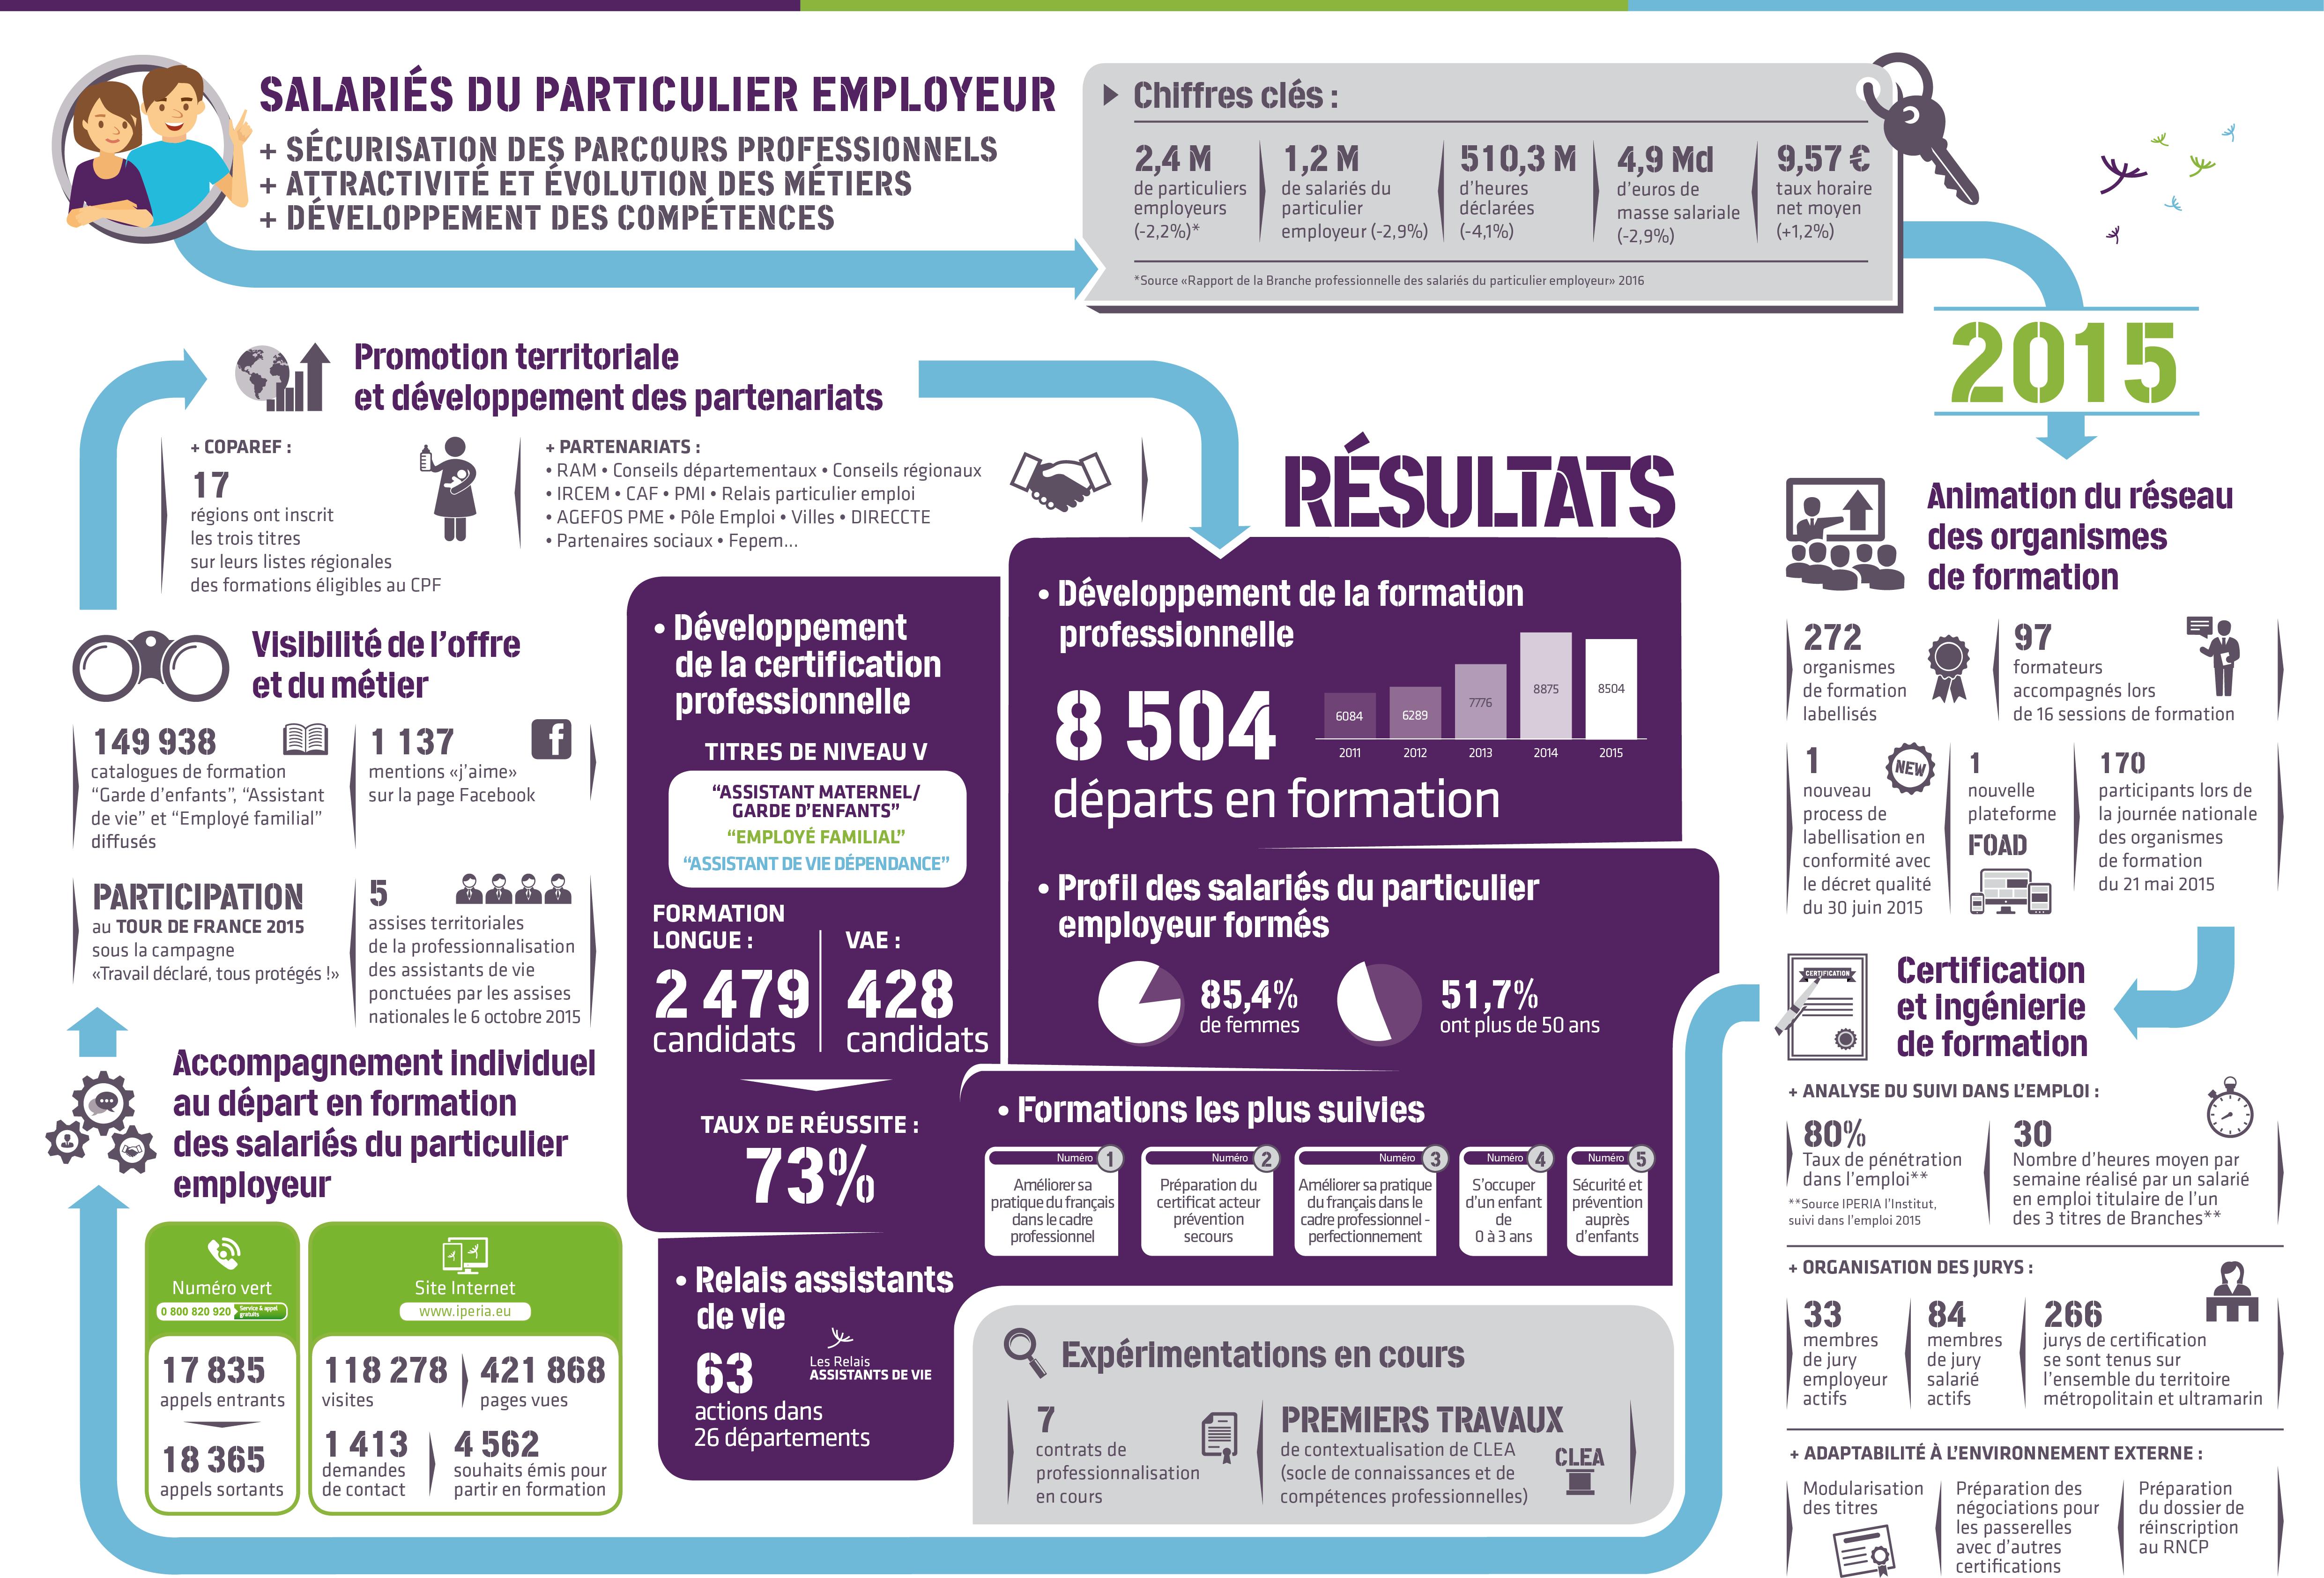 Rapport Activité 2015 Salariés du particulier employeur